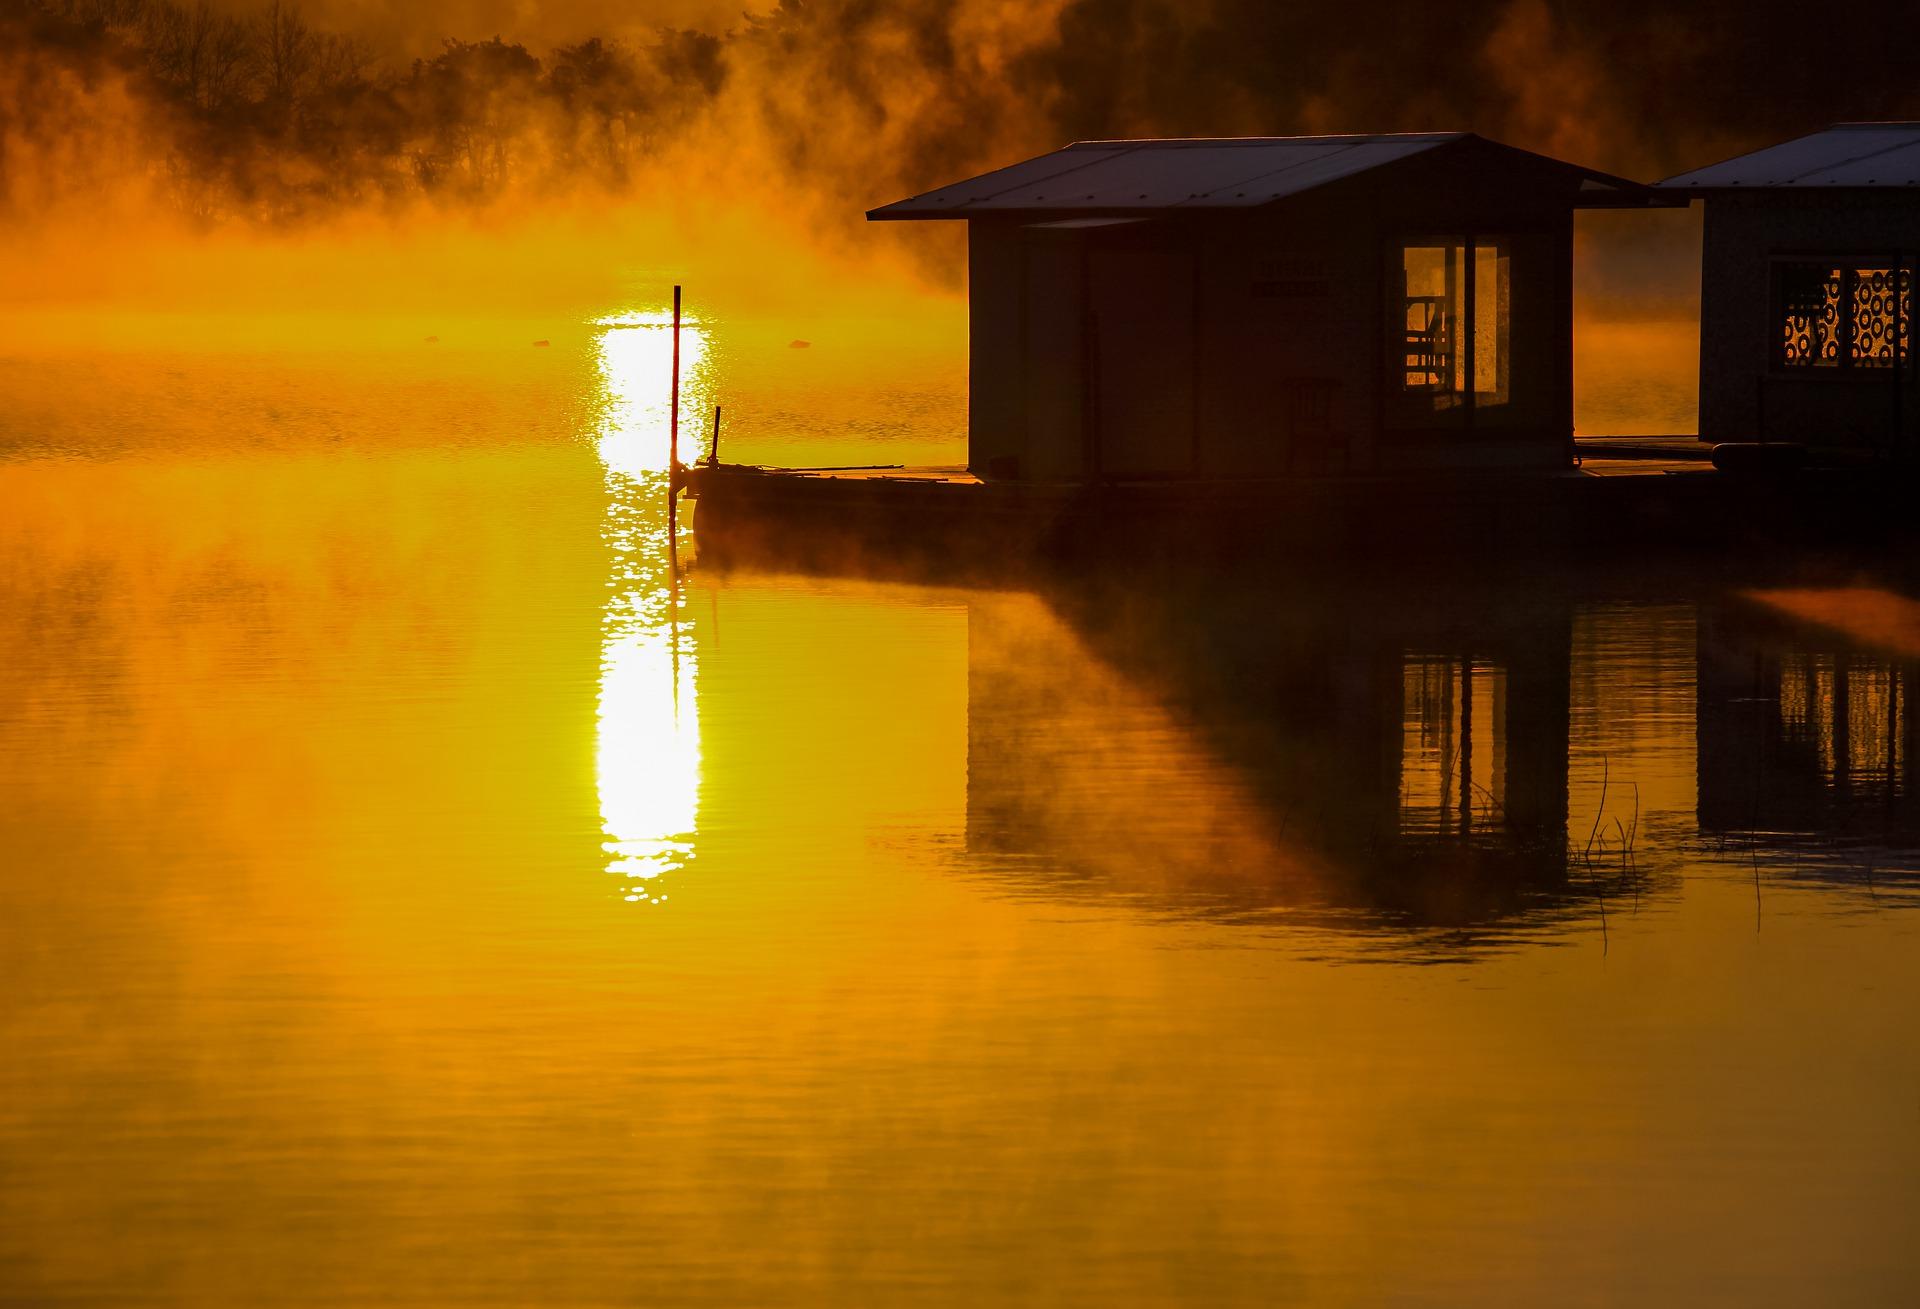 Sunrise https://pixabay.com/photos/sunrise-morning-lake-nature-light-5460494/